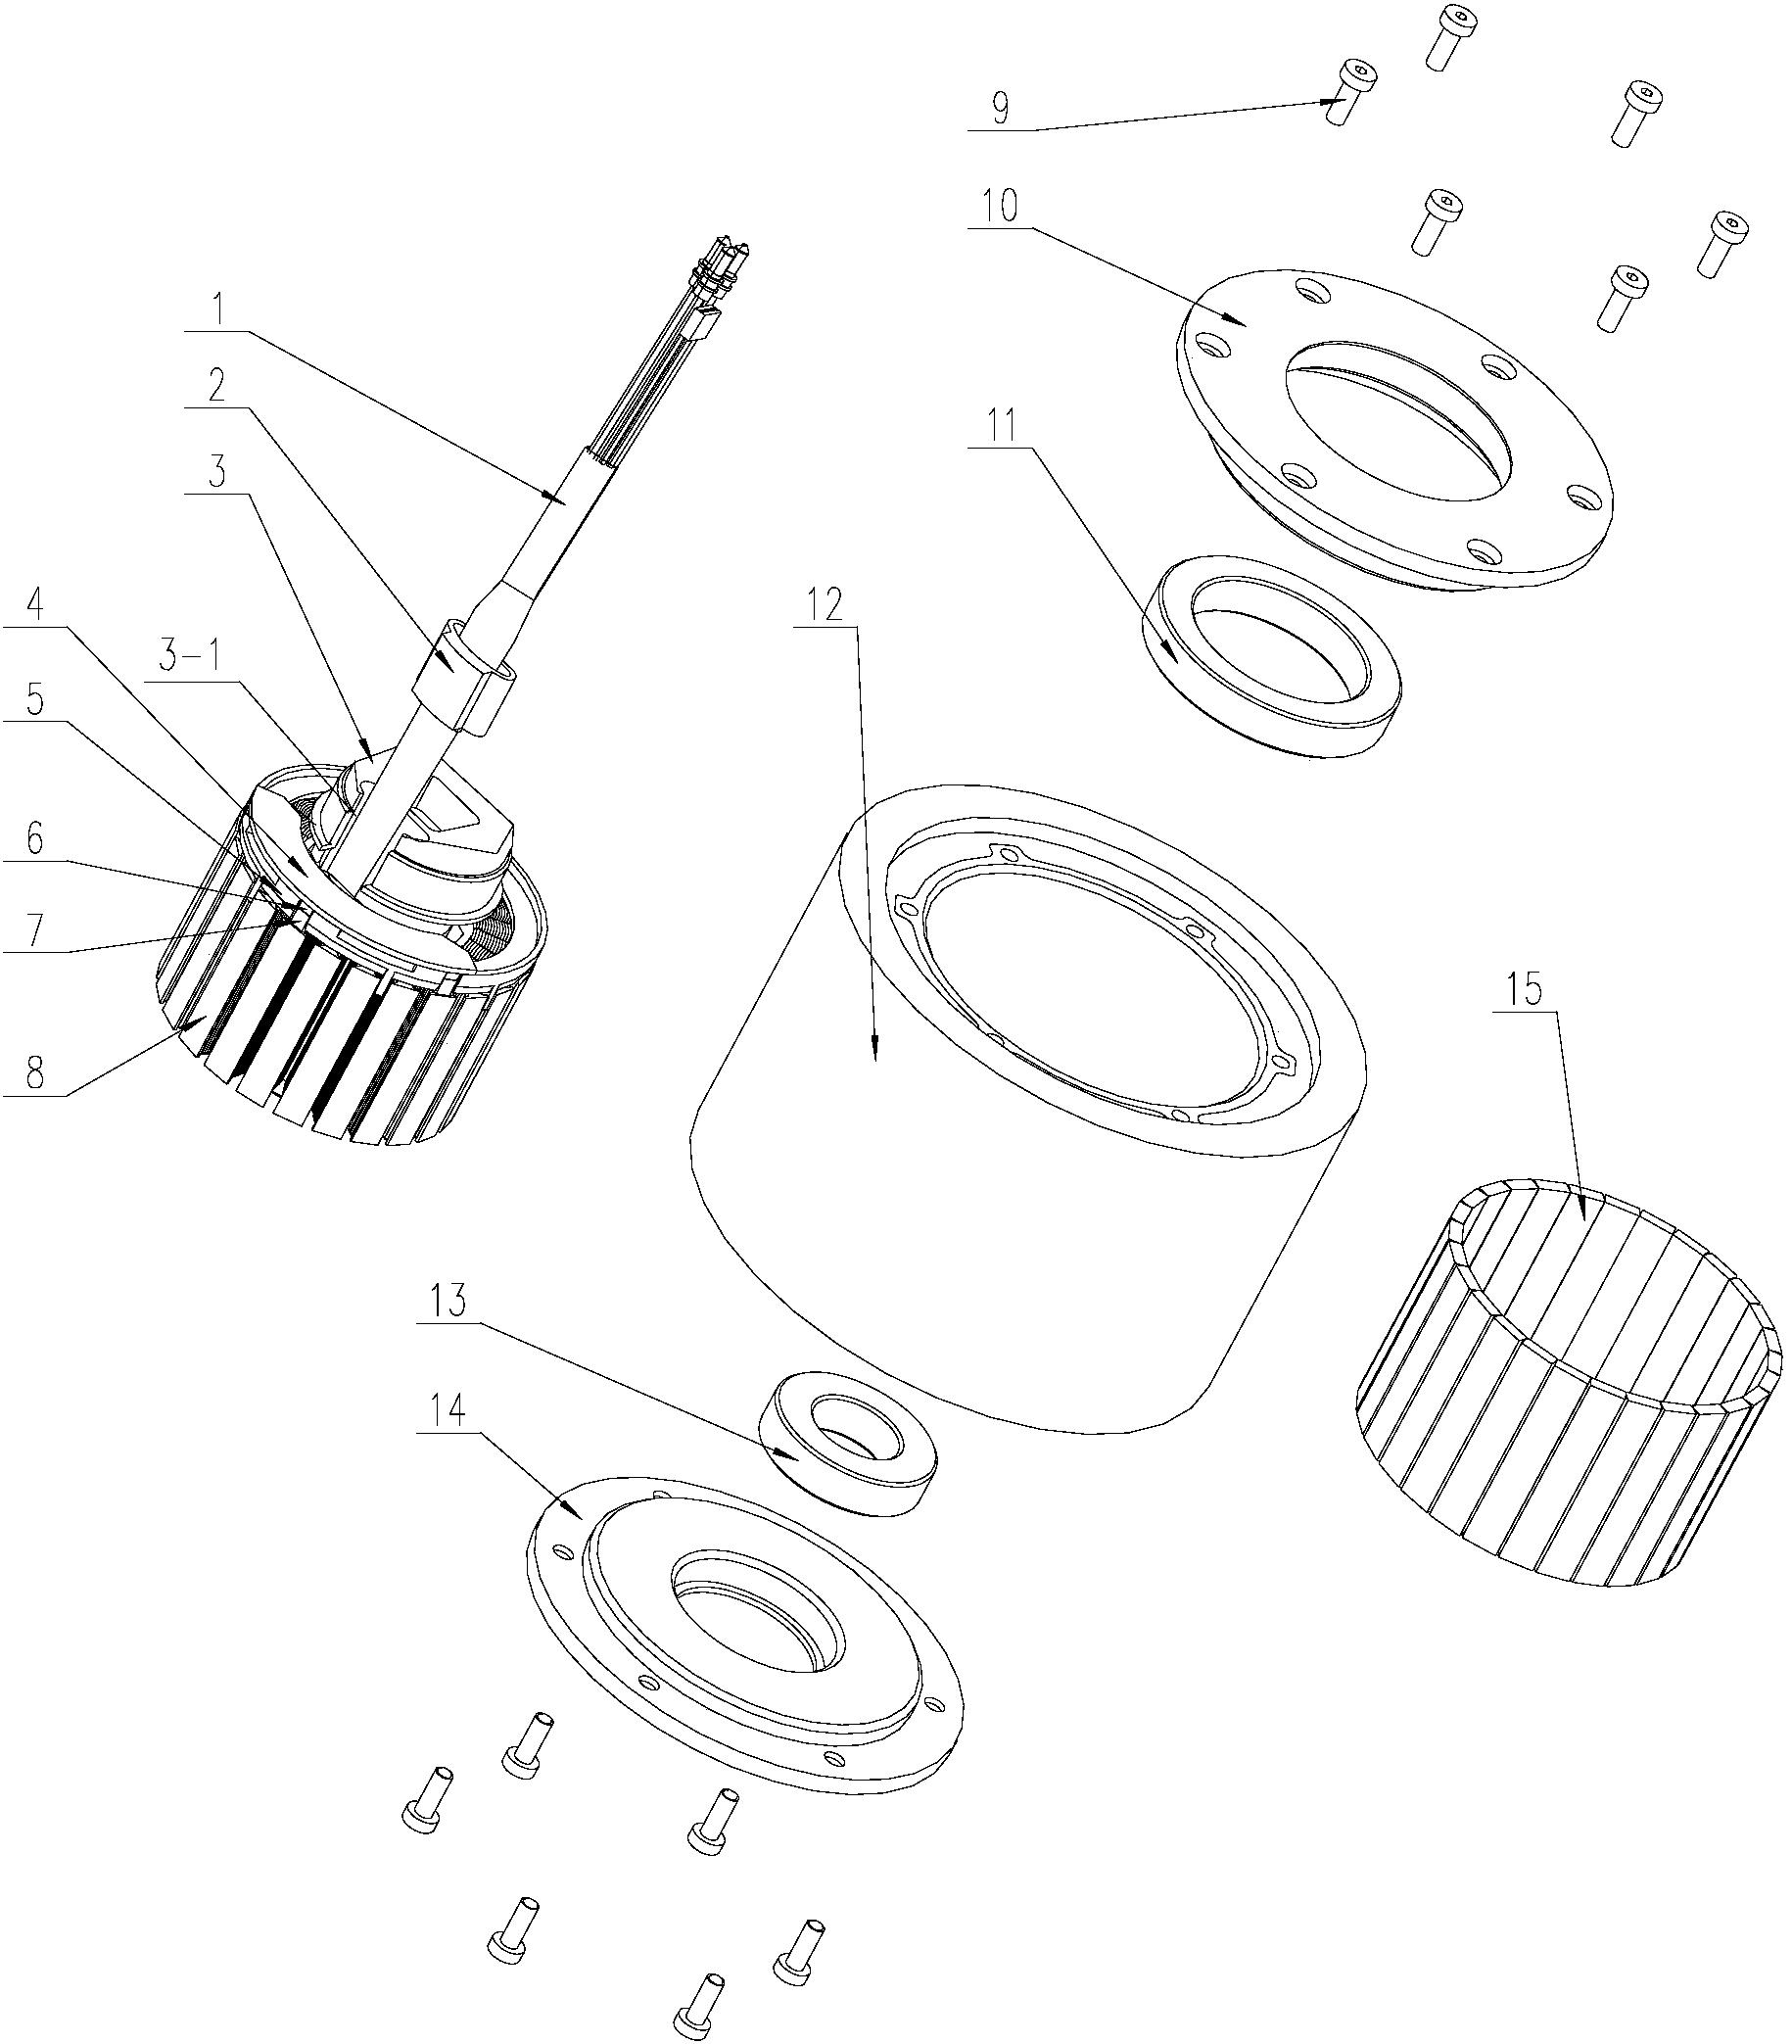 cn206402060u_滑板车的轮毂电机有效